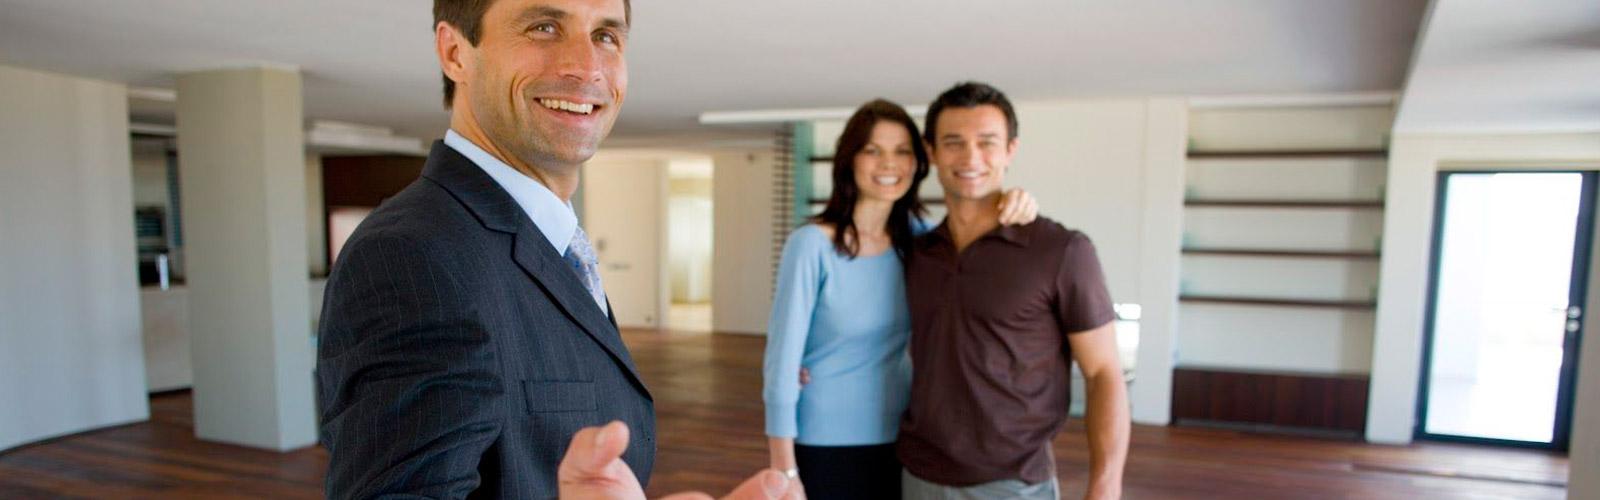 Asesoría Legal para el arrendamiento de vivienda locales u oficinas